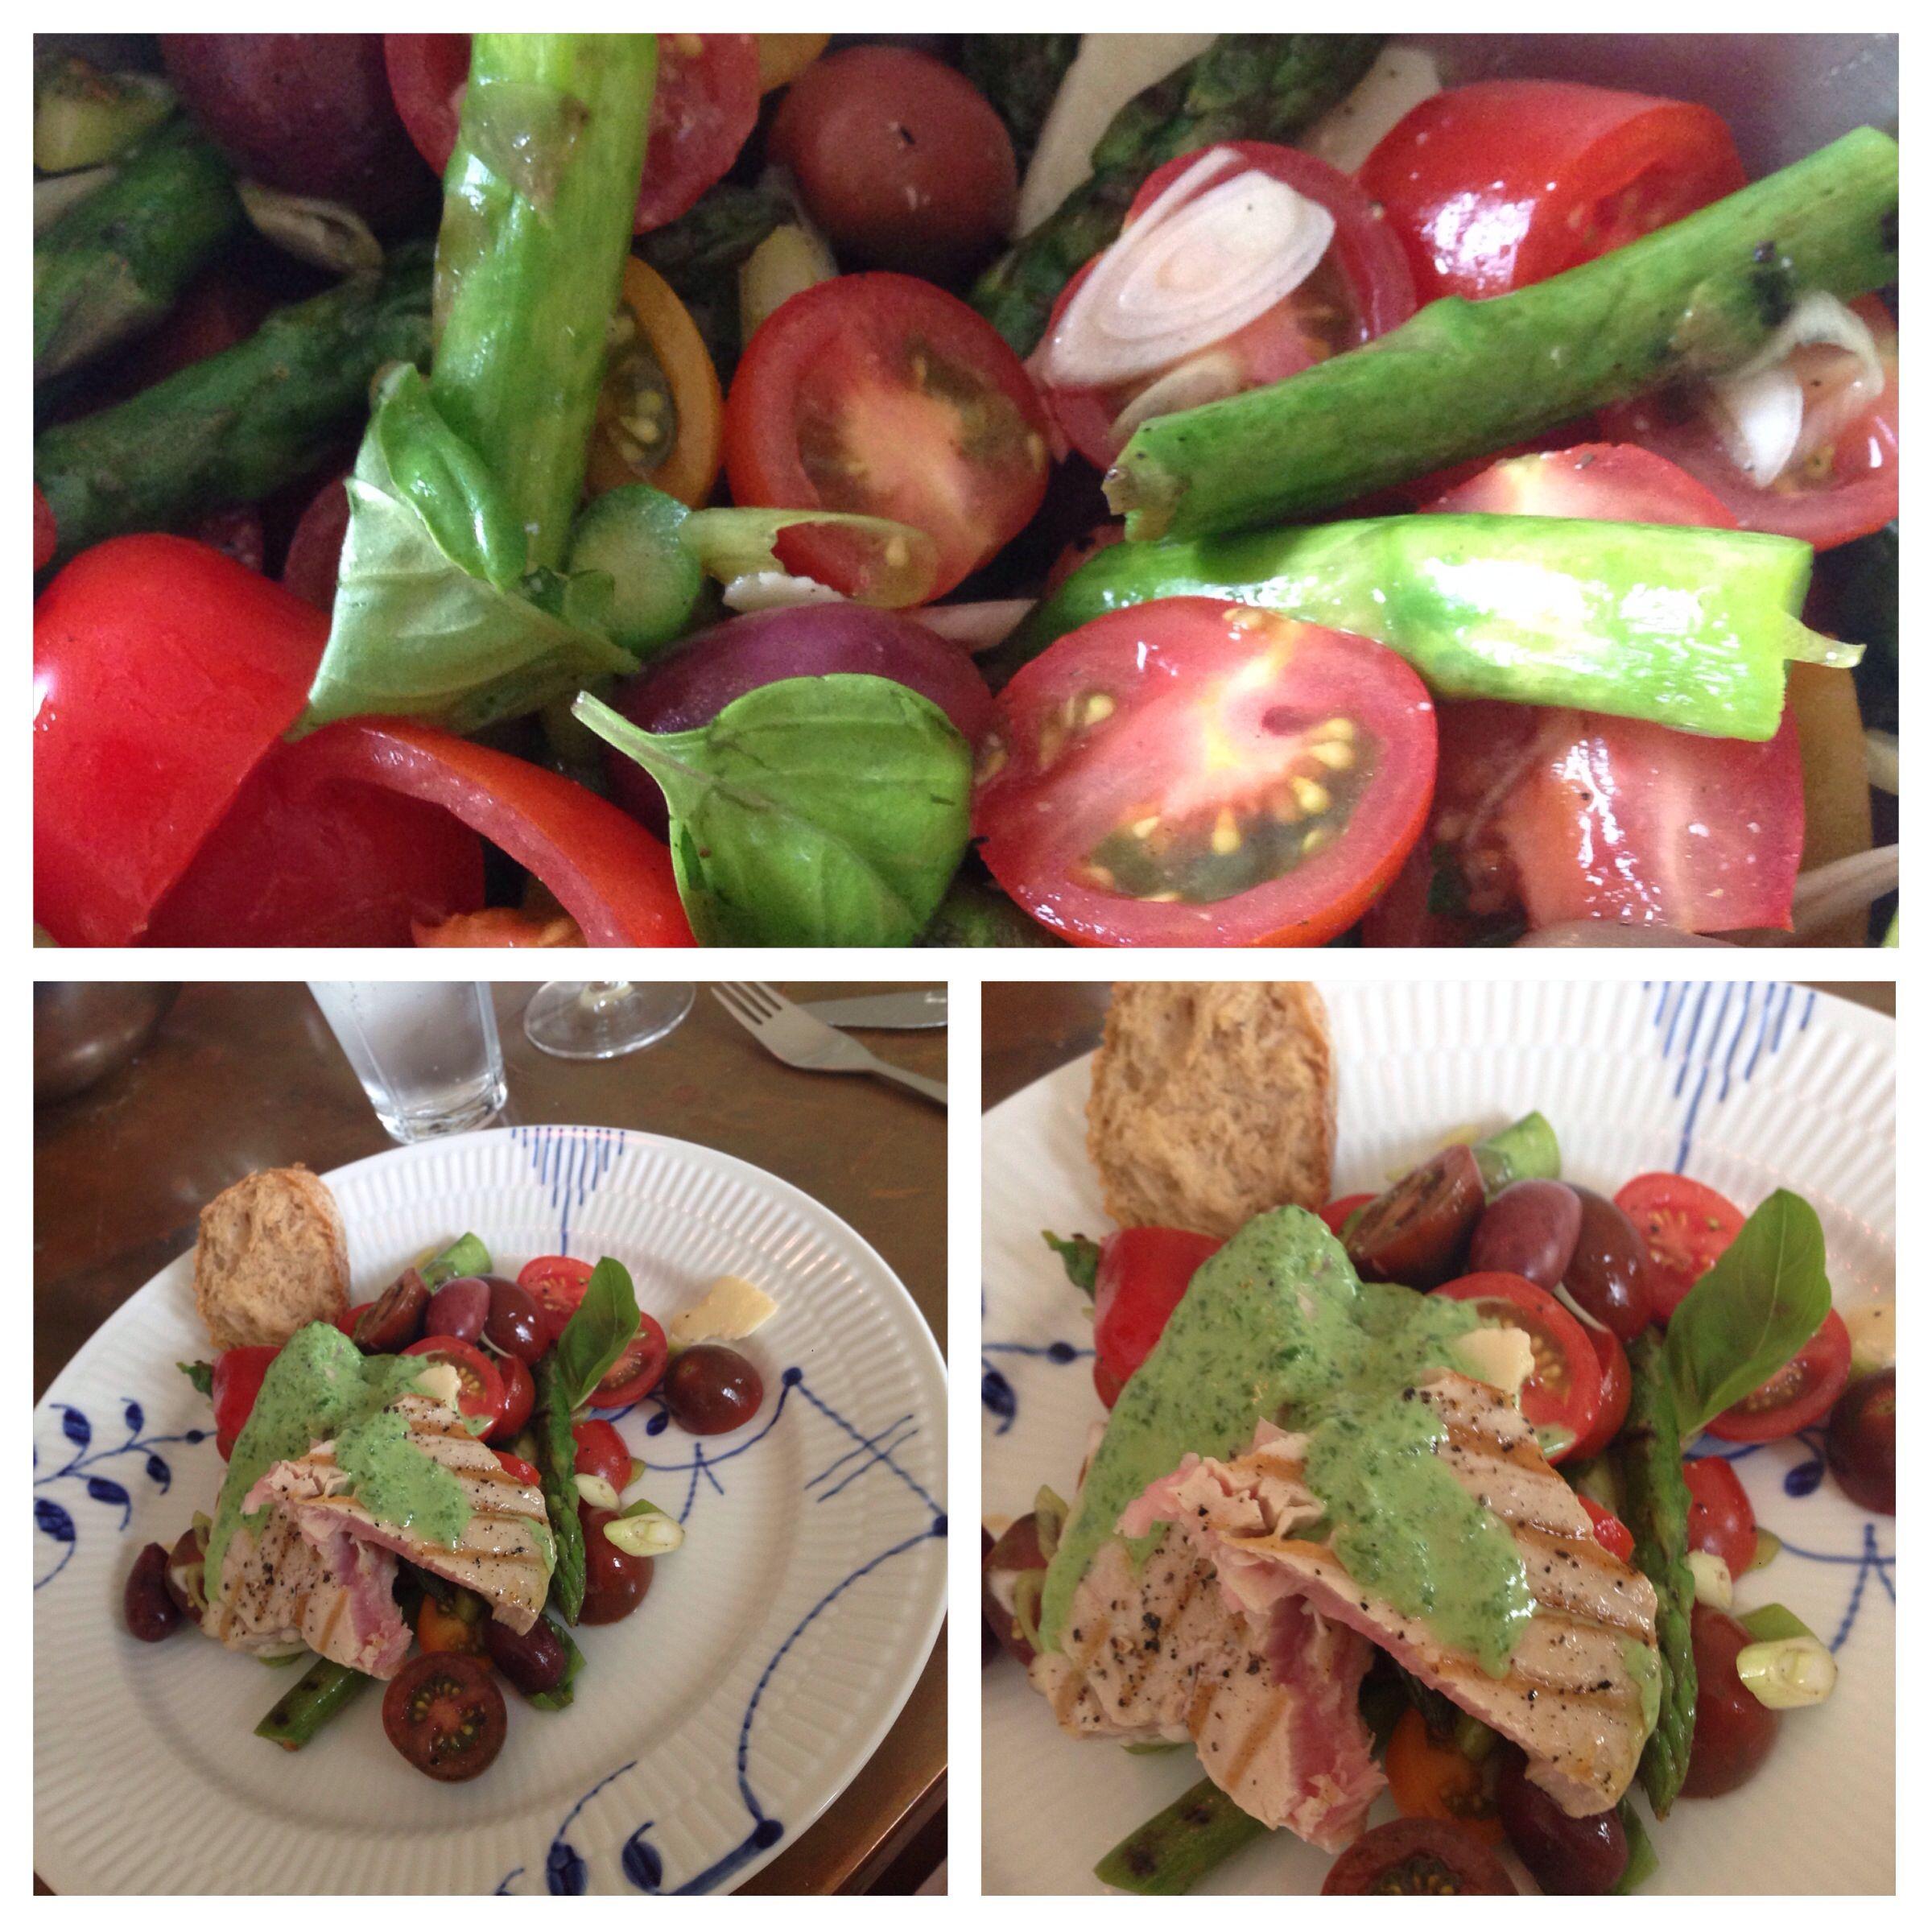 Jamies tun salat med basilikum yoghurt: 1 dl  low-fat yoghurt, stor håndfuld basilikum, revet parmasanost og citronskal, lidt citronsaf, salt og peber. I salaten havde jeg også forårsløg;)  http://www.jamieoliver.com/recipes/fish-recipes/hot-tuna-salad-with-basil-dressing